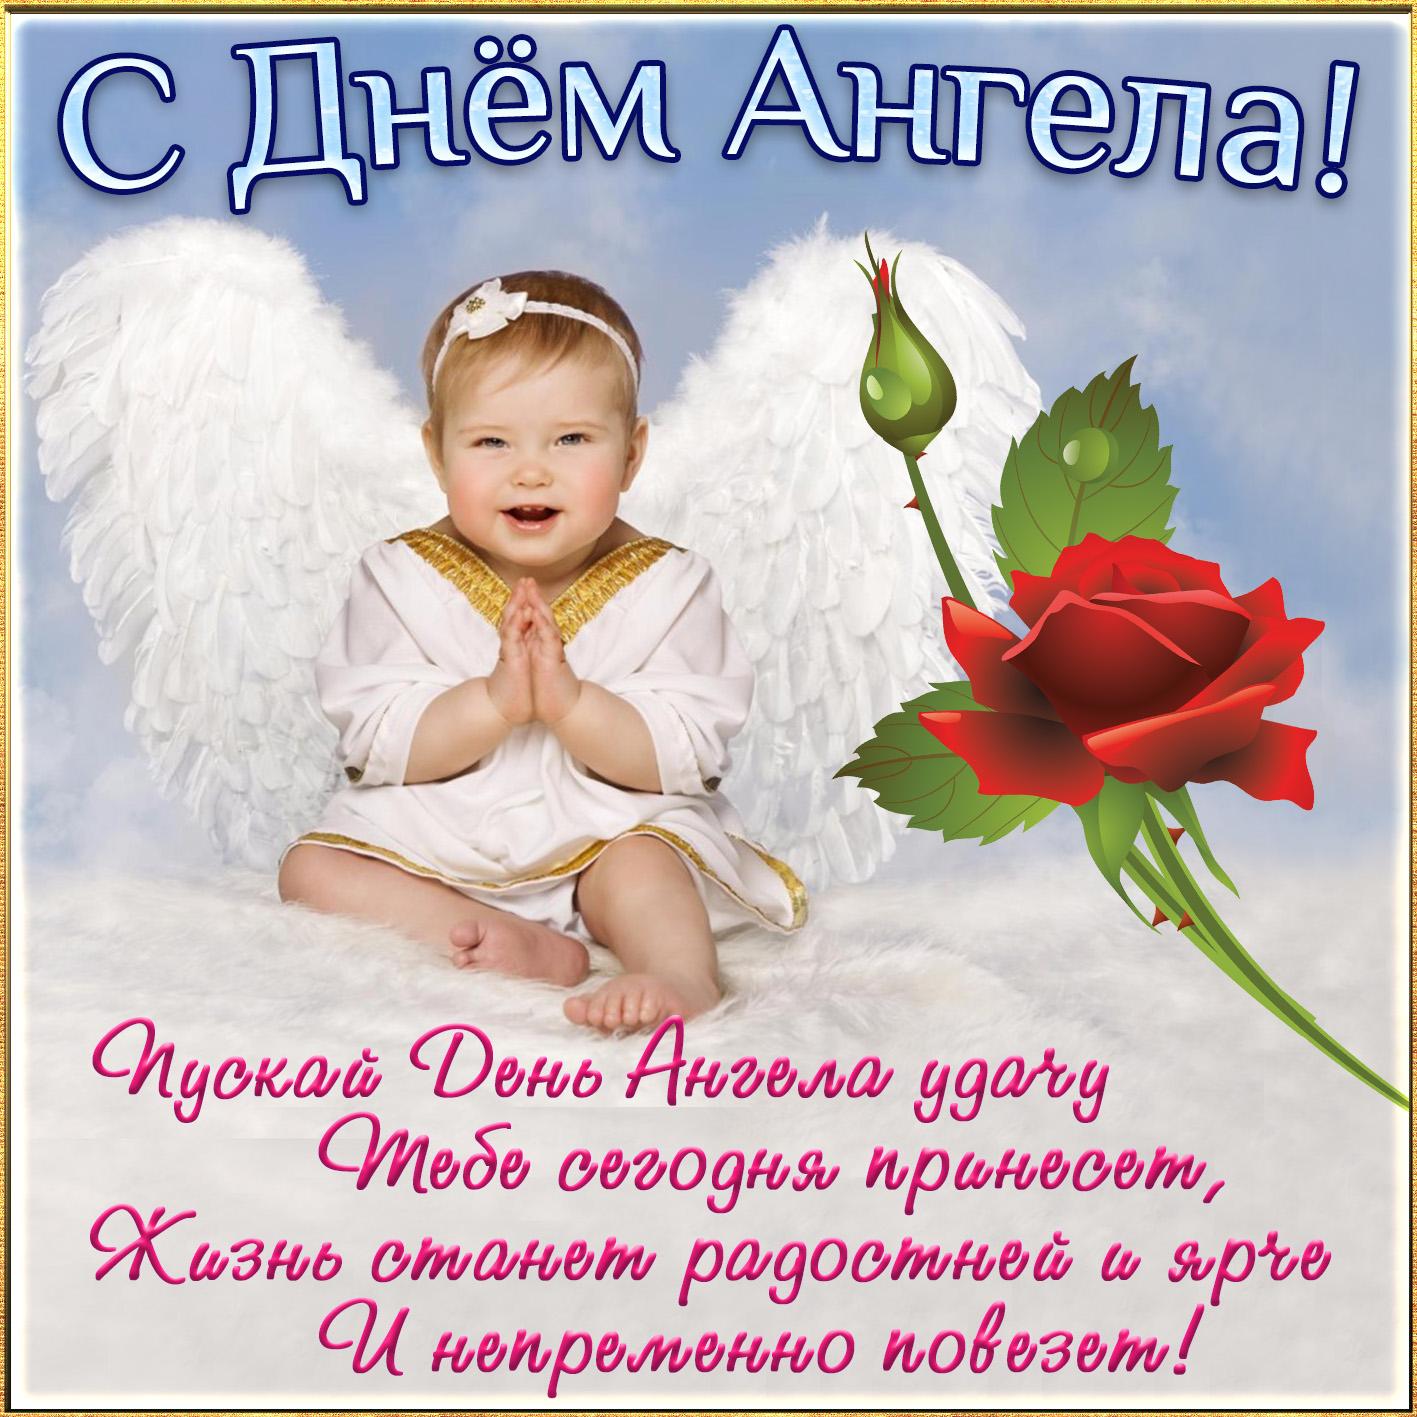 Поздравления с днем ангела для малышки